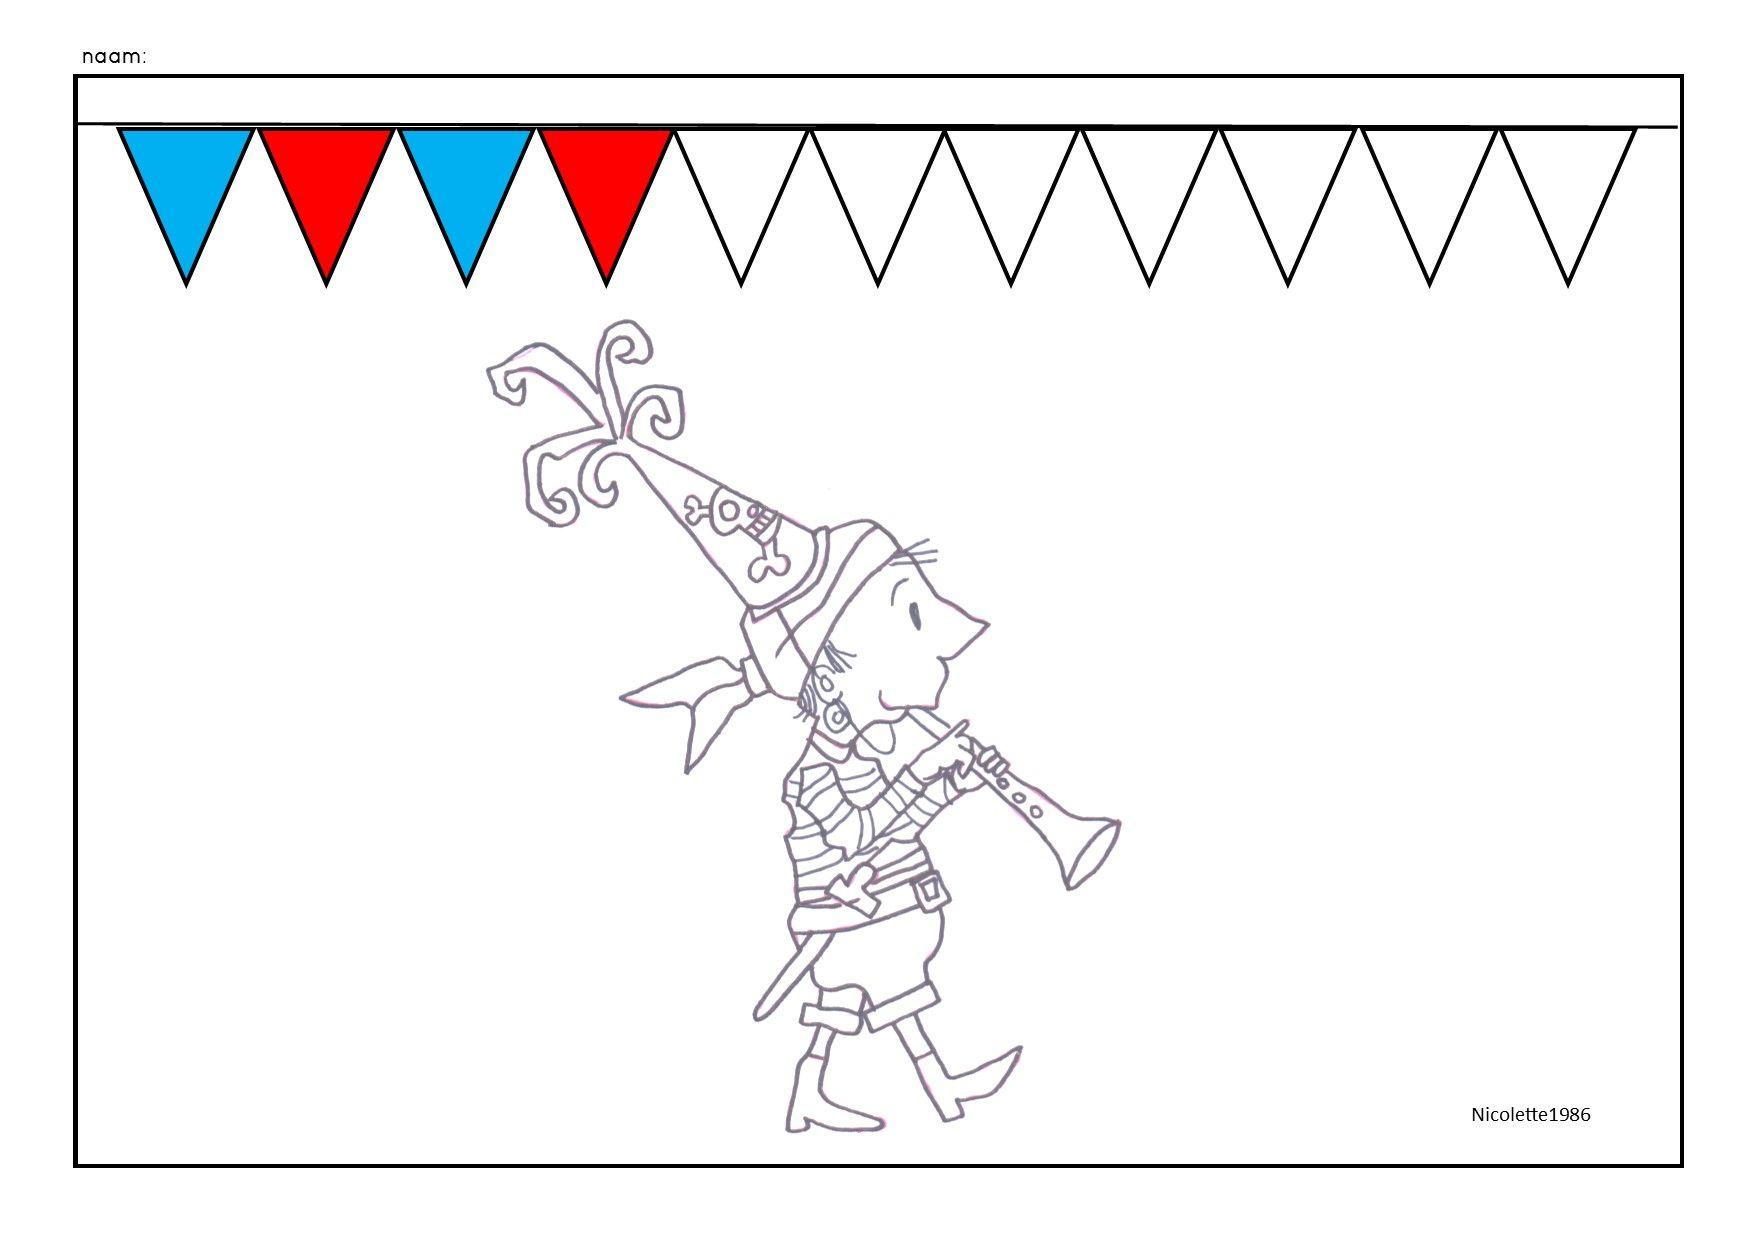 Aadje Piraatje Viert Feest Logische Reeks Kleuren Thema